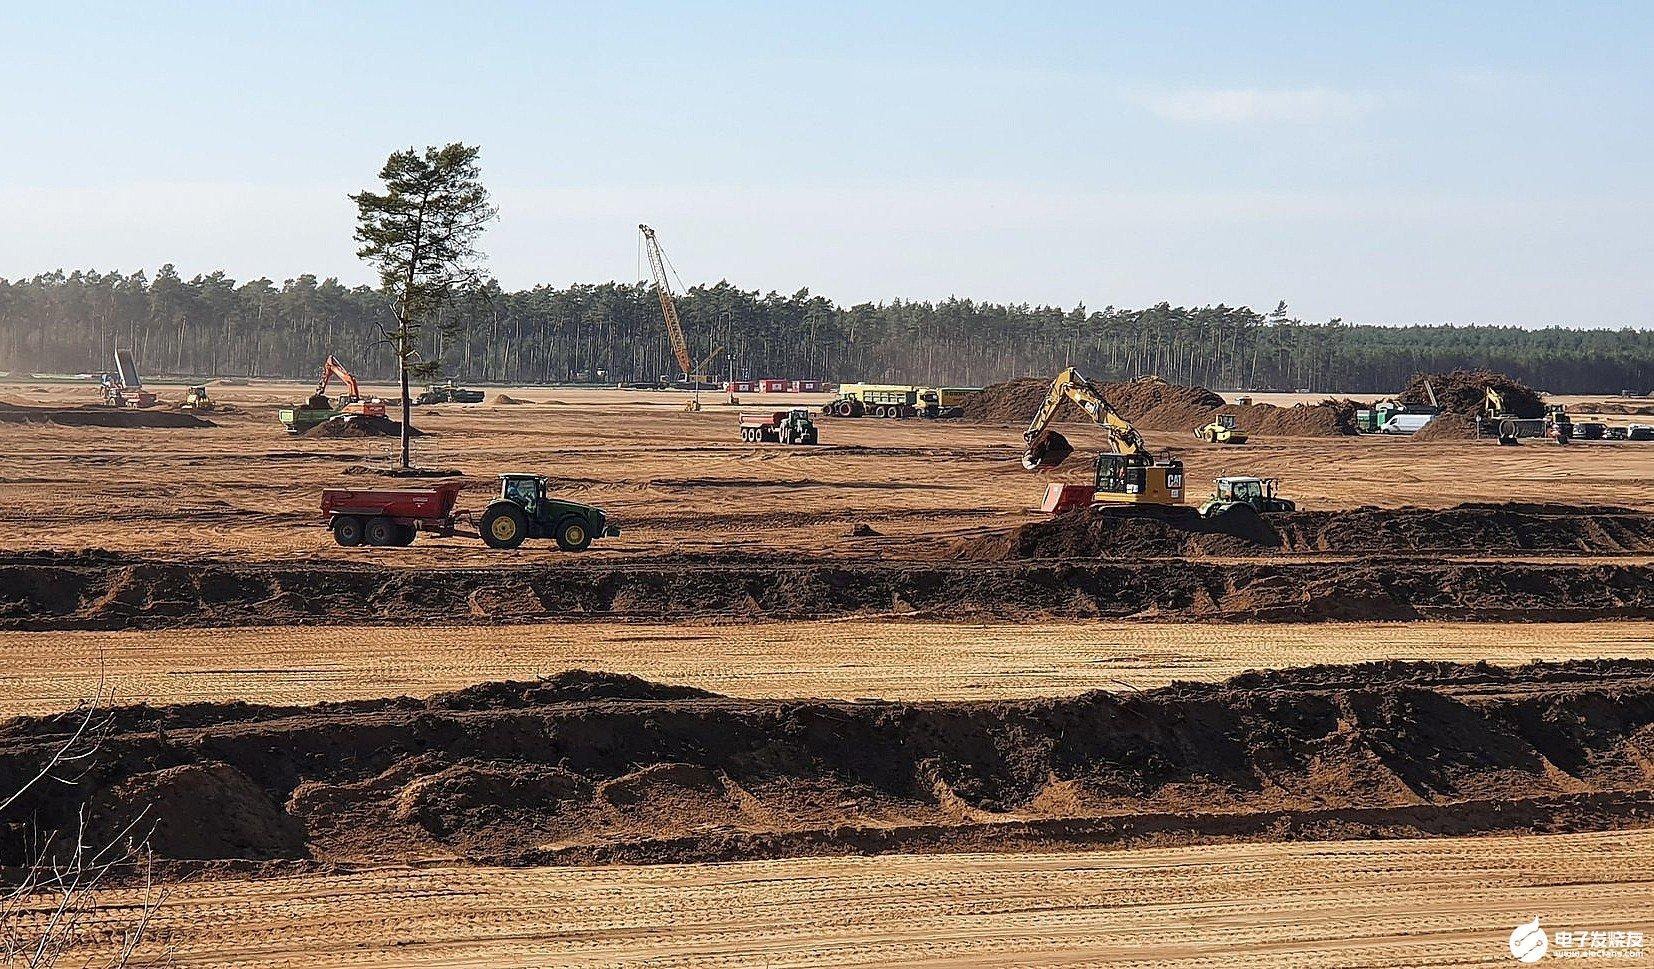 特斯拉柏林工厂地面平整工程有望在本周末完成 破土动工仪式可能会被推迟或完全取消